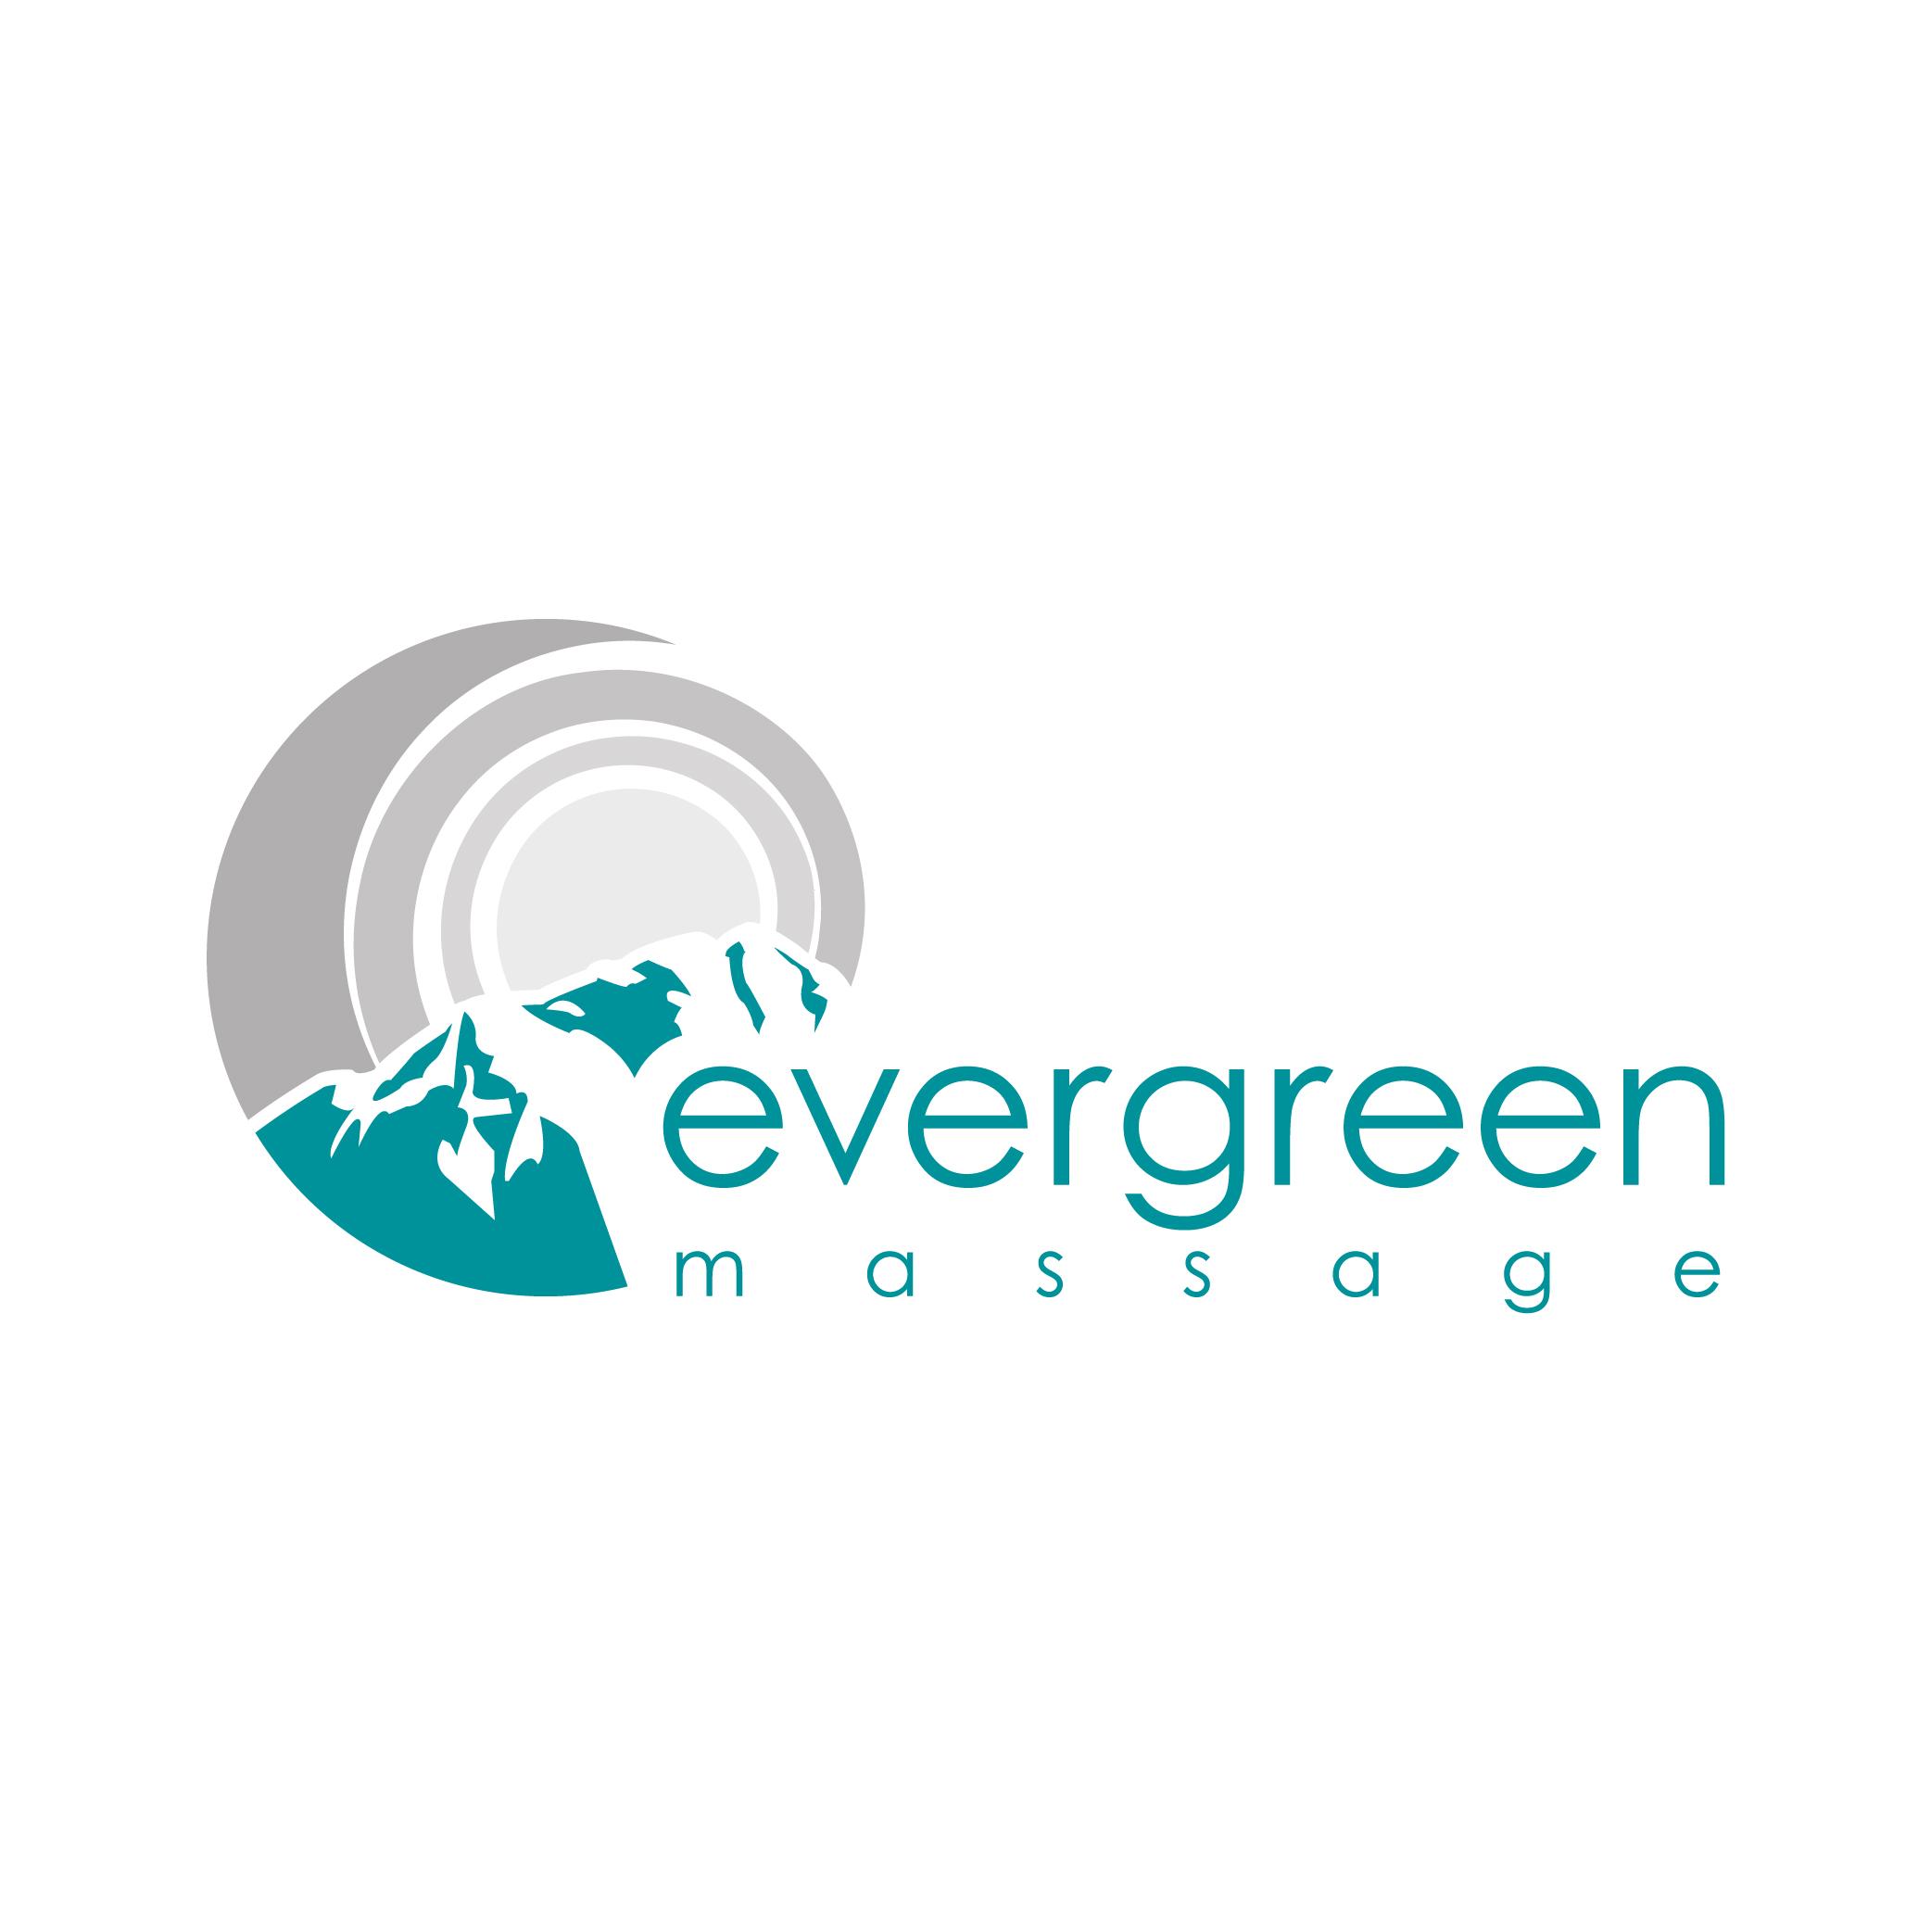 Evergreen Massage